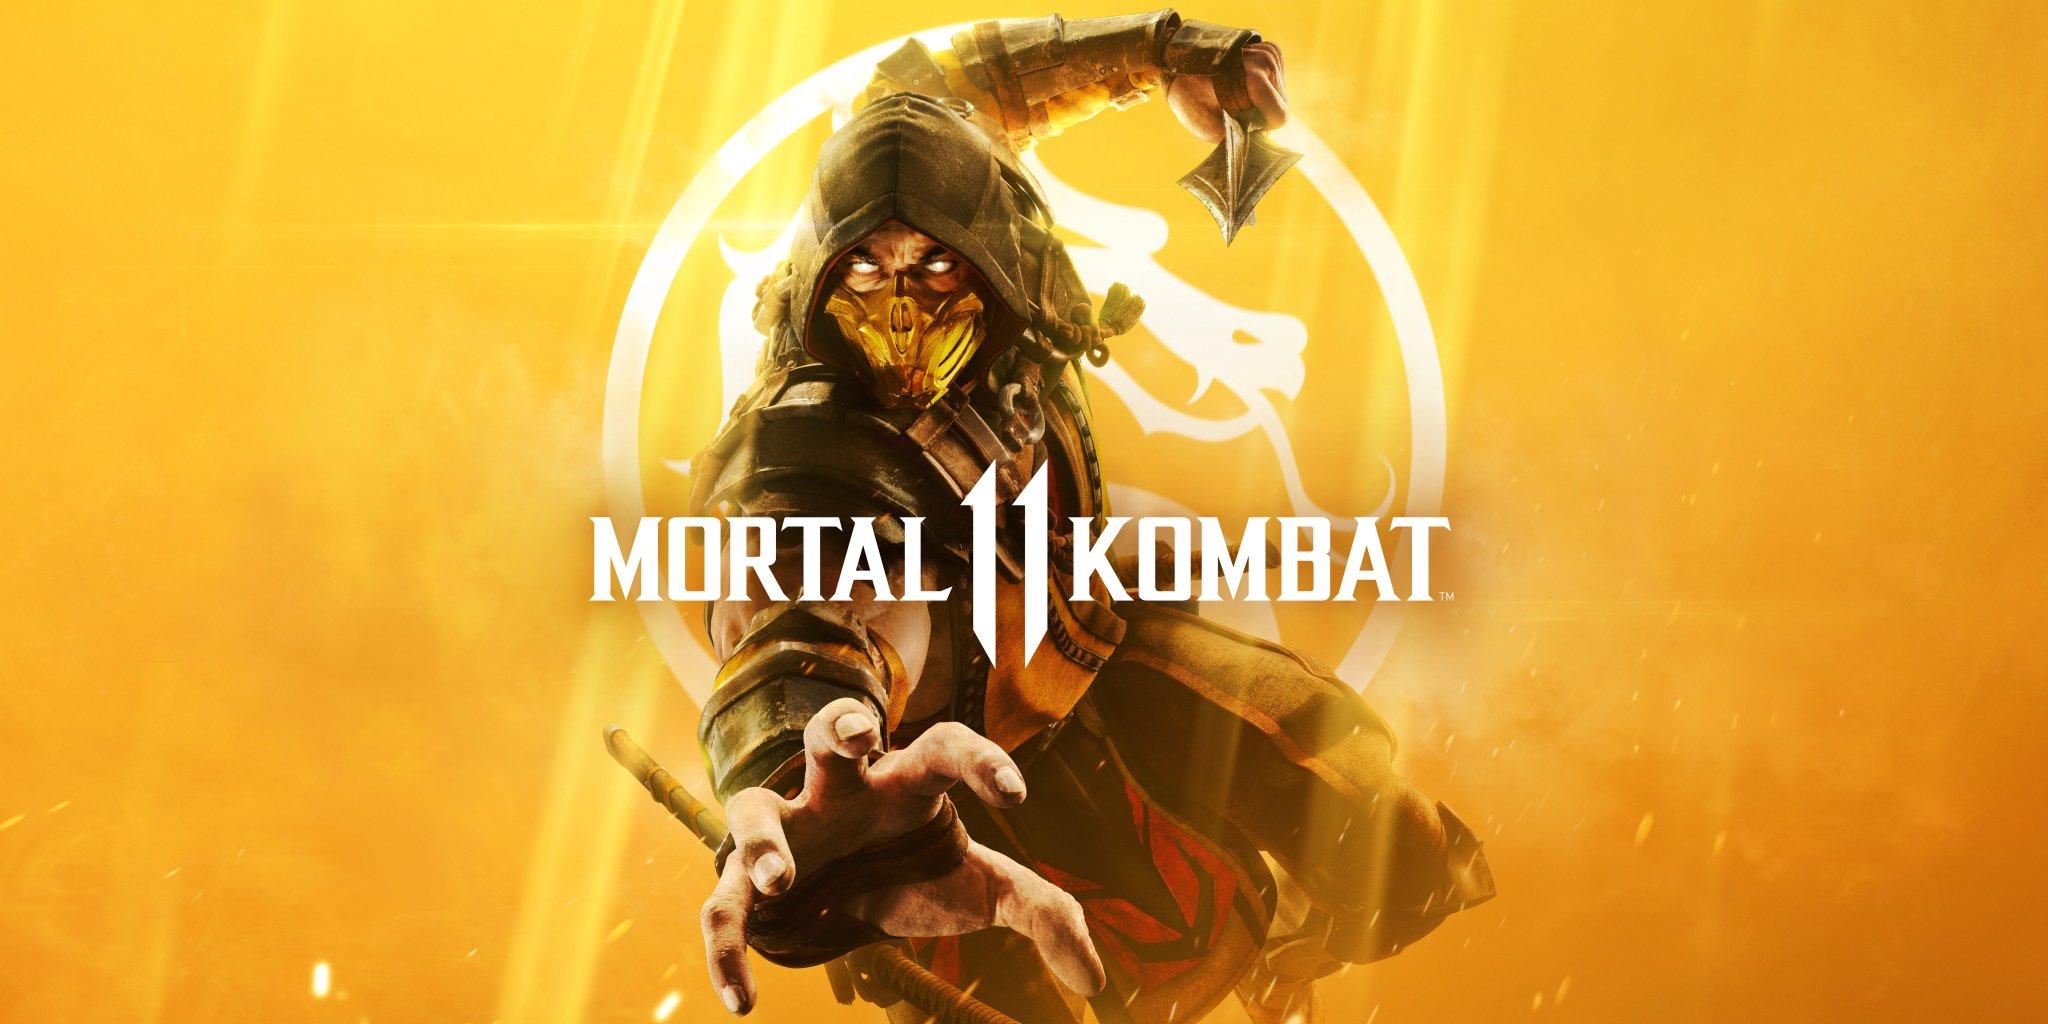 Mortal Kombat 11 revela su imagen de portada con Scorpion como protagonista